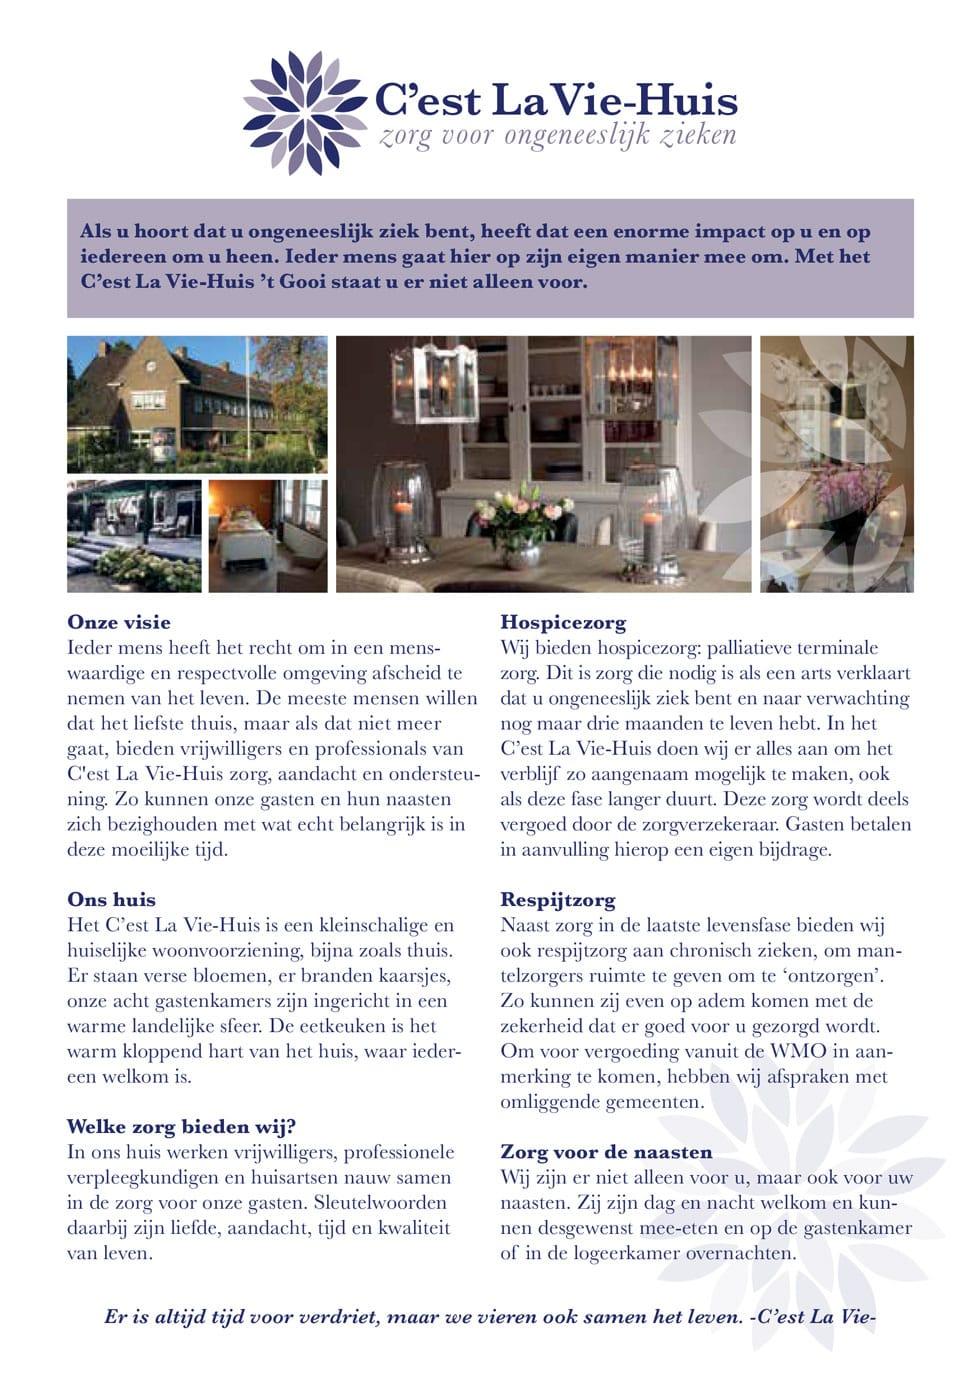 A5-brochure-Cest-La-Vie-Huis-2019